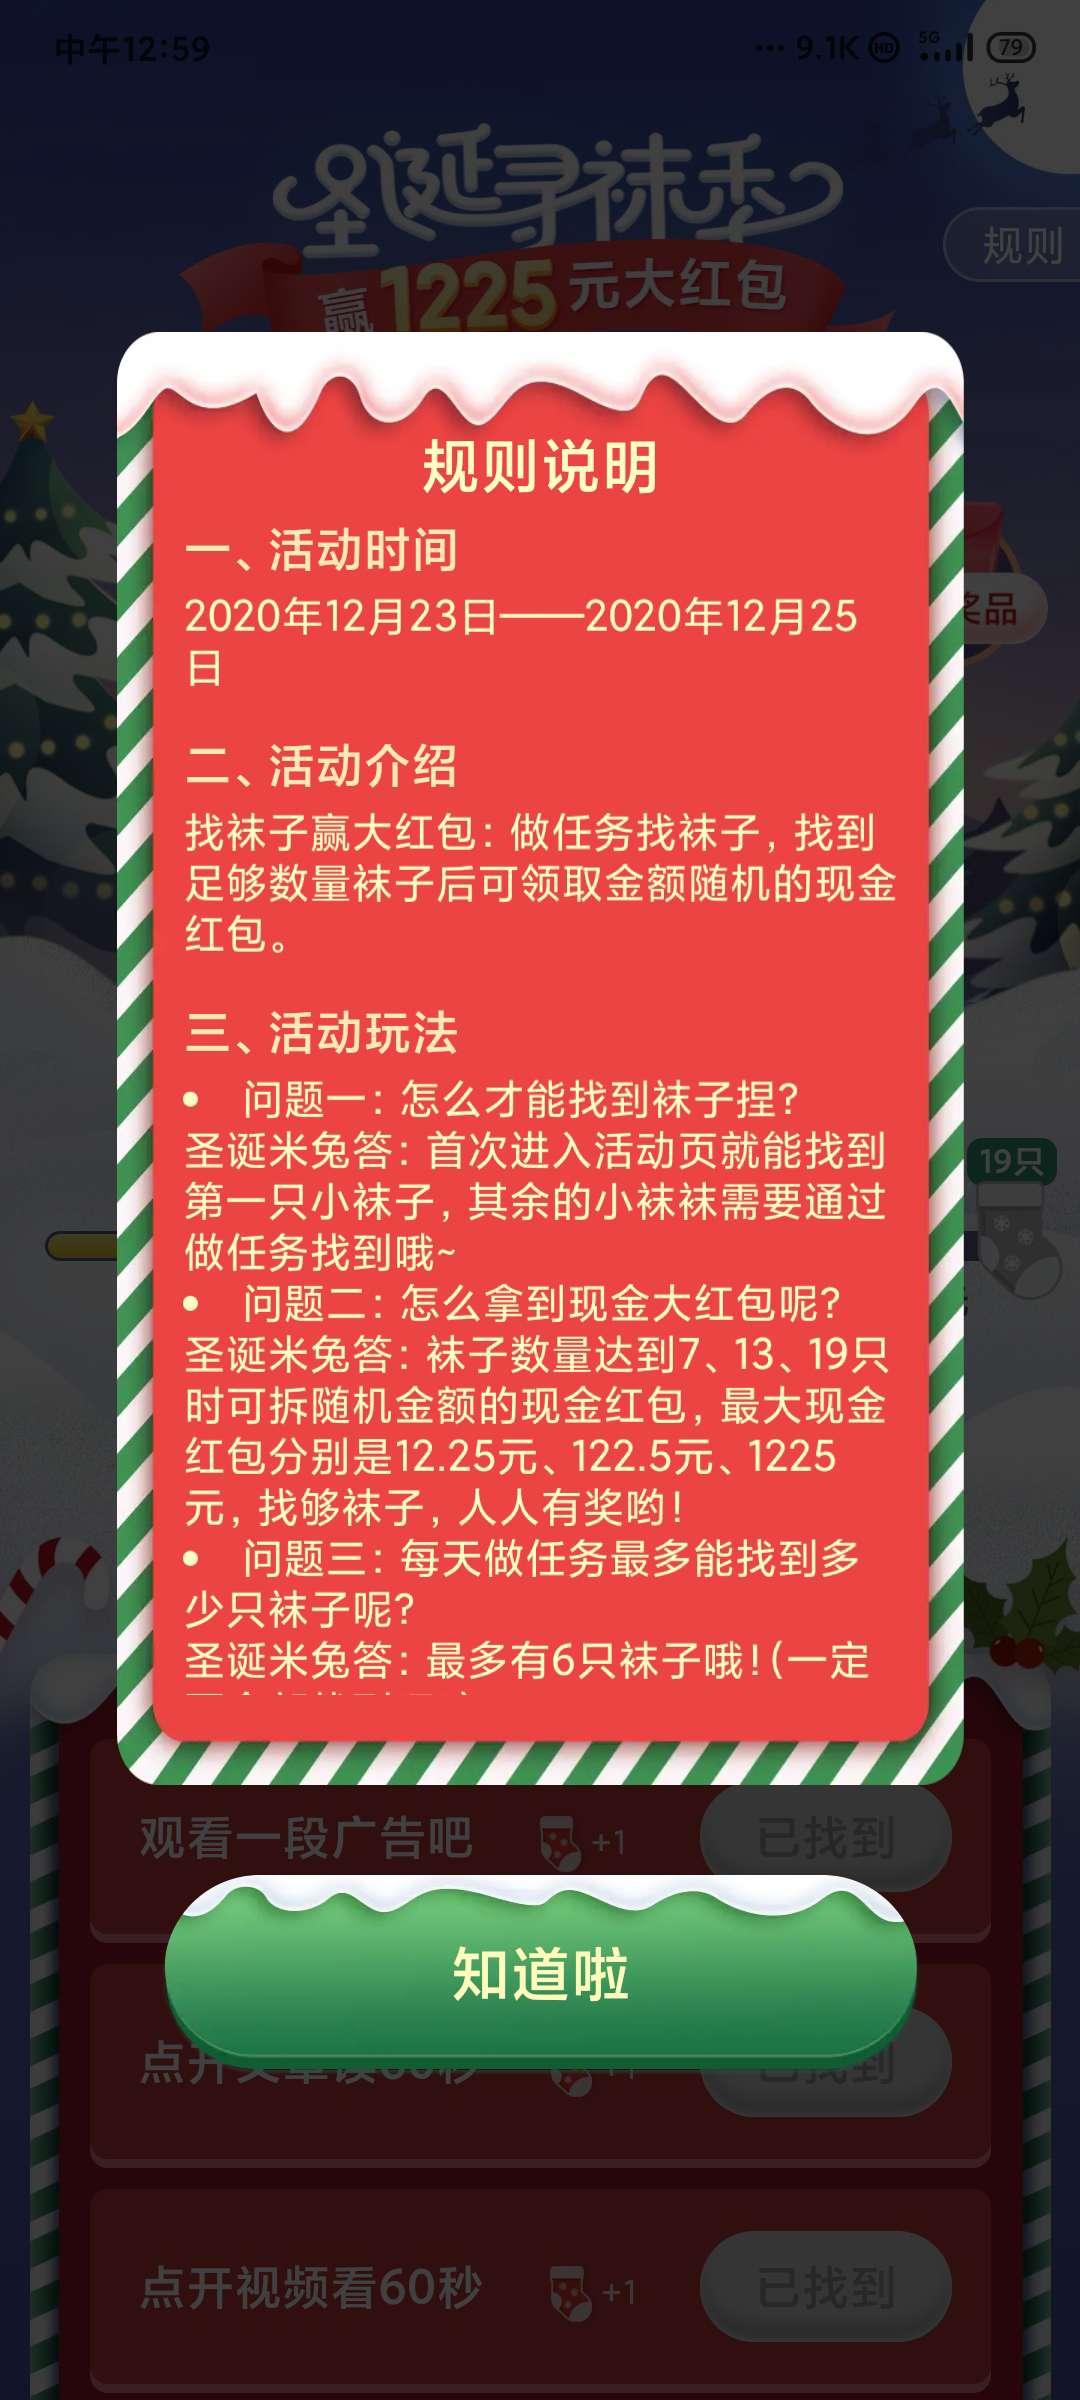 图片[5]-小米浏览器app圣诞寻袜季领红包-老友薅羊毛活动线报网